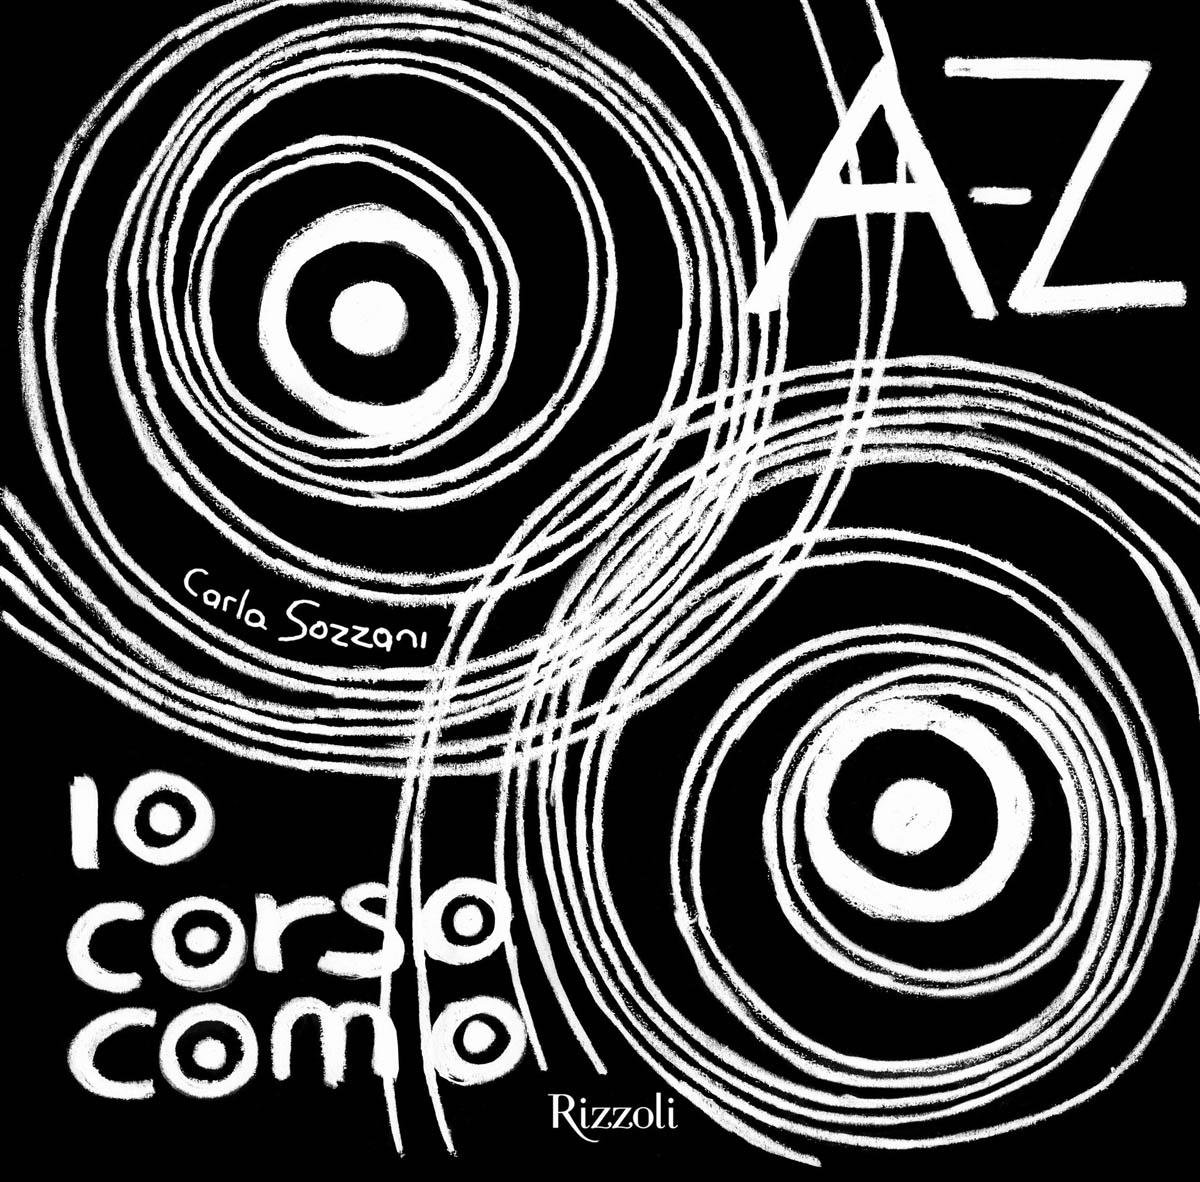 AA.VV., A-Z 10 Corso Como, Rizzoli